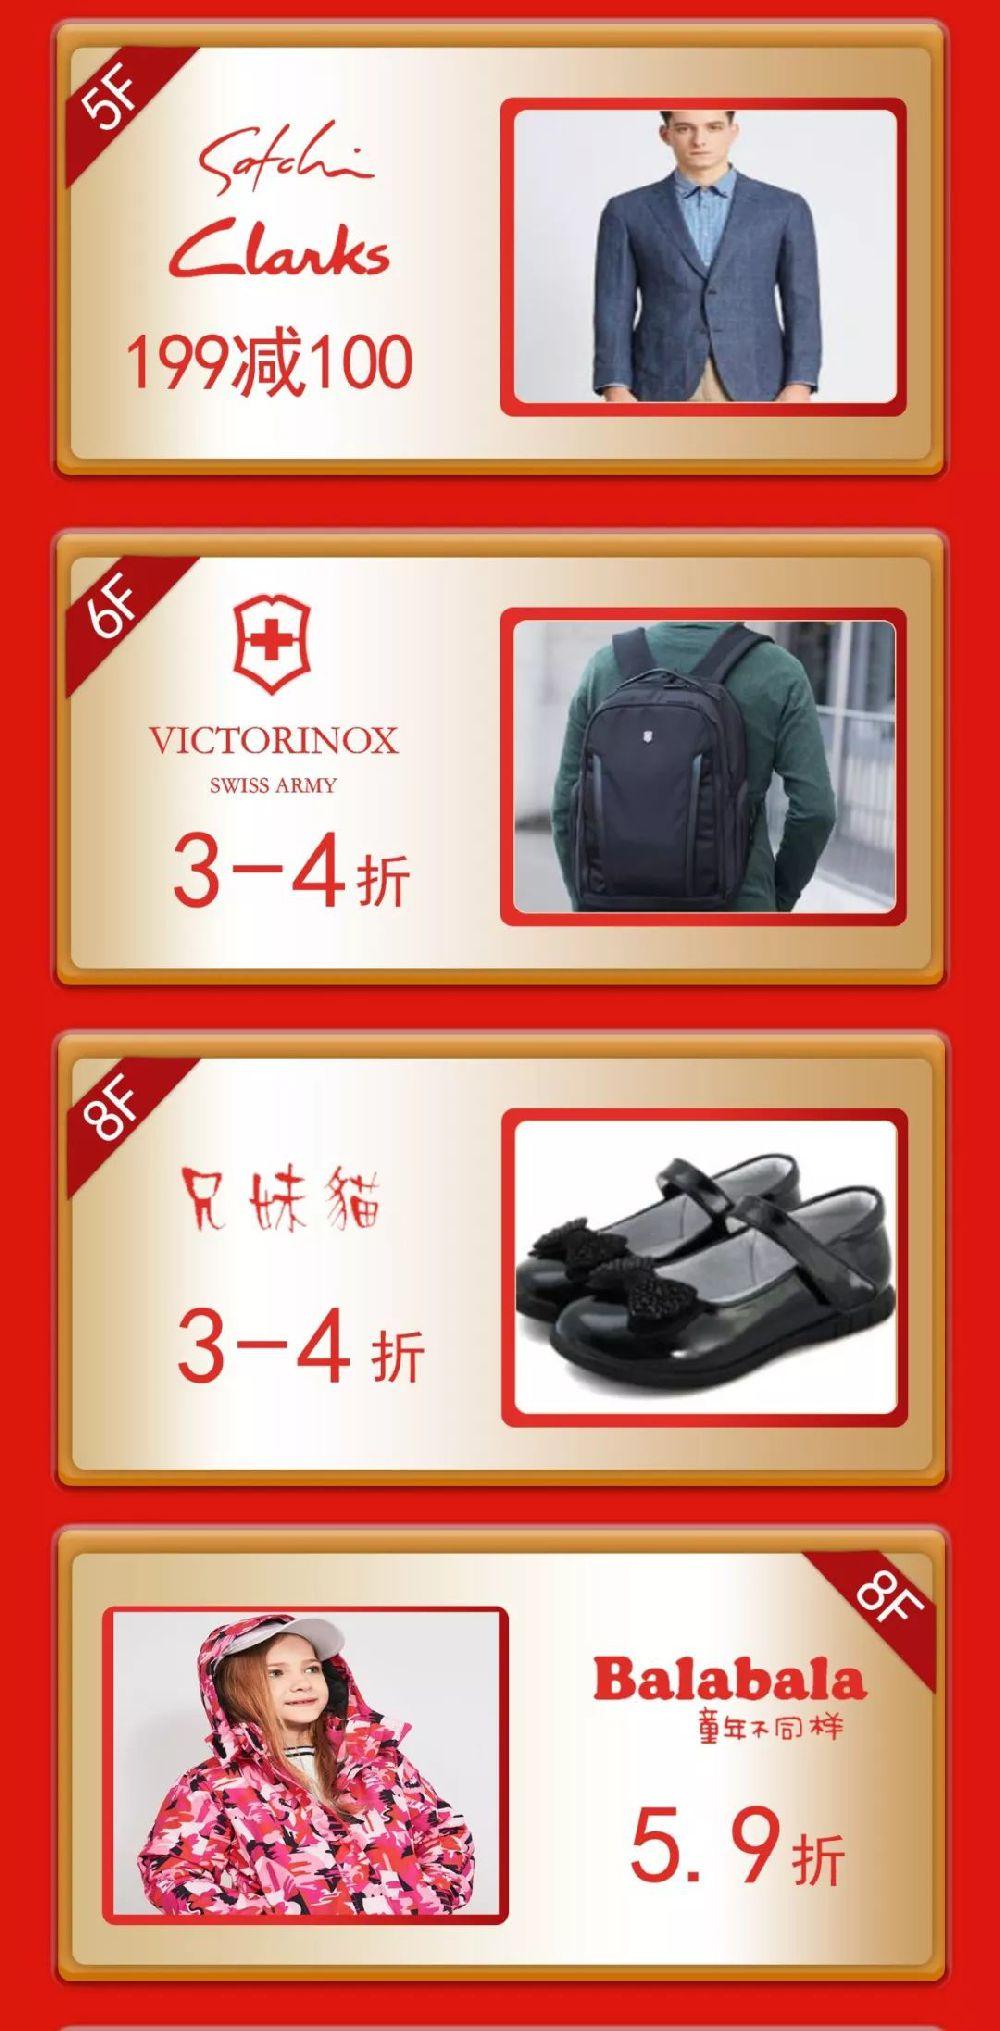 上海置地广场双12巨折会 流行商品3-5折